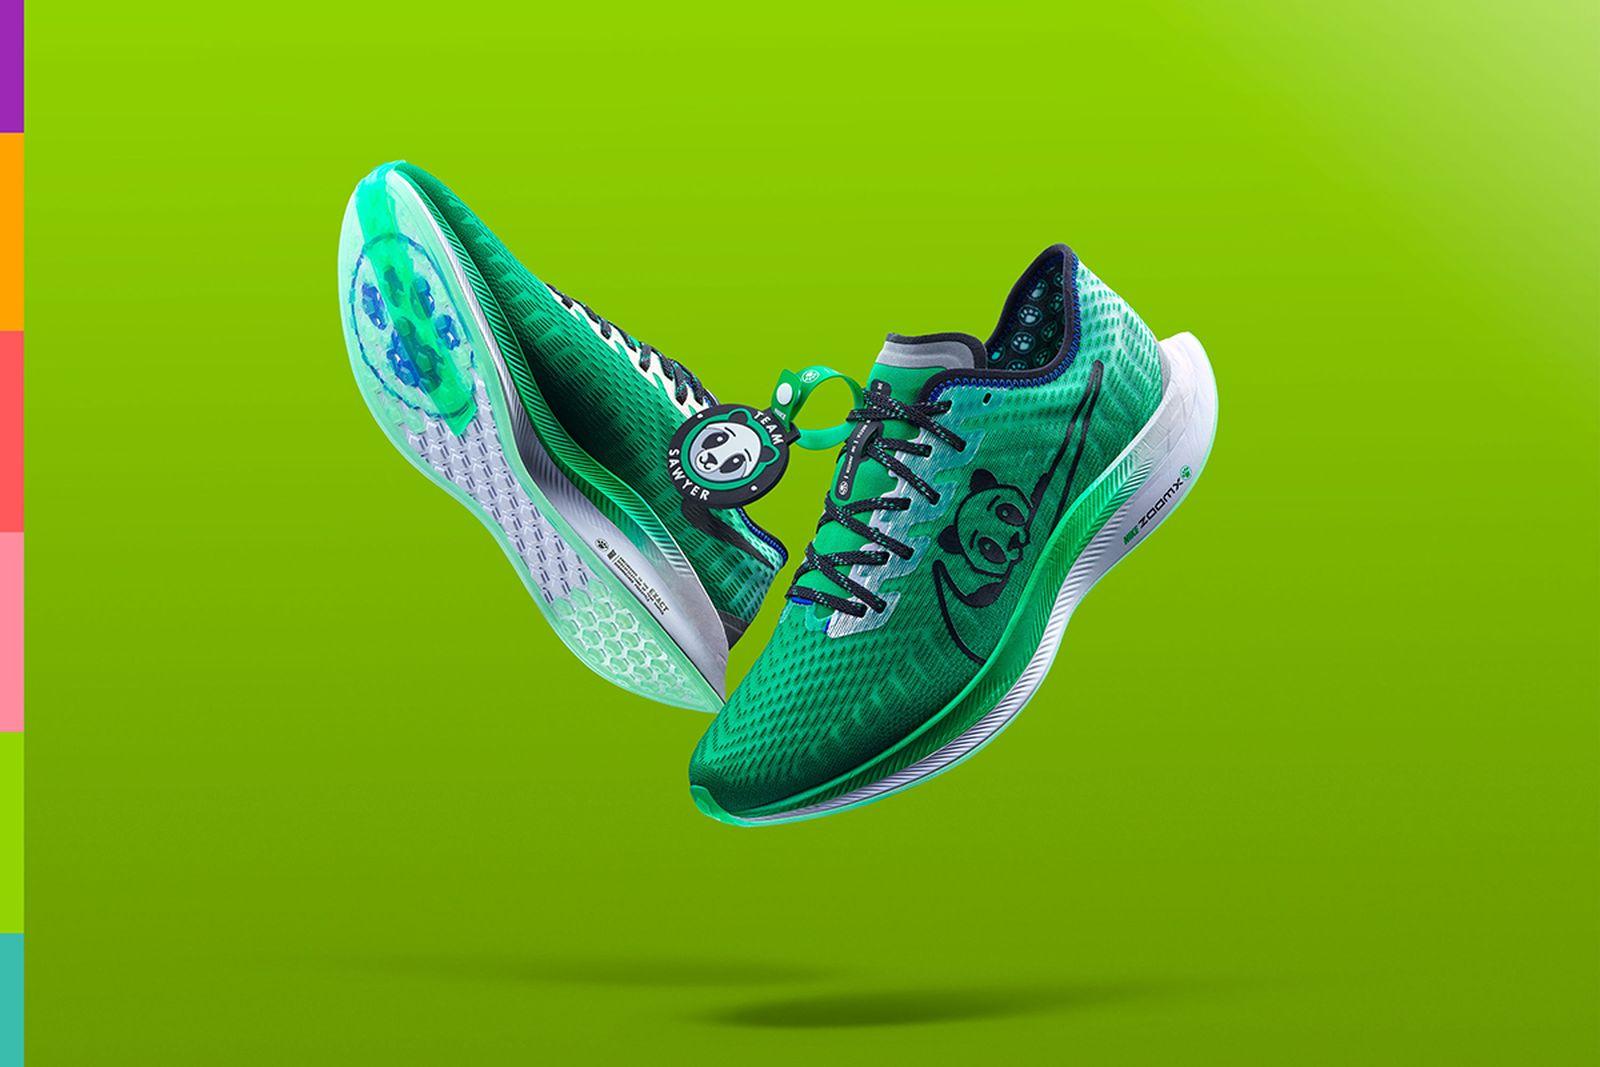 Nike Doernbecher Freestyle 2019 Zoom Pegasus Turbo 2